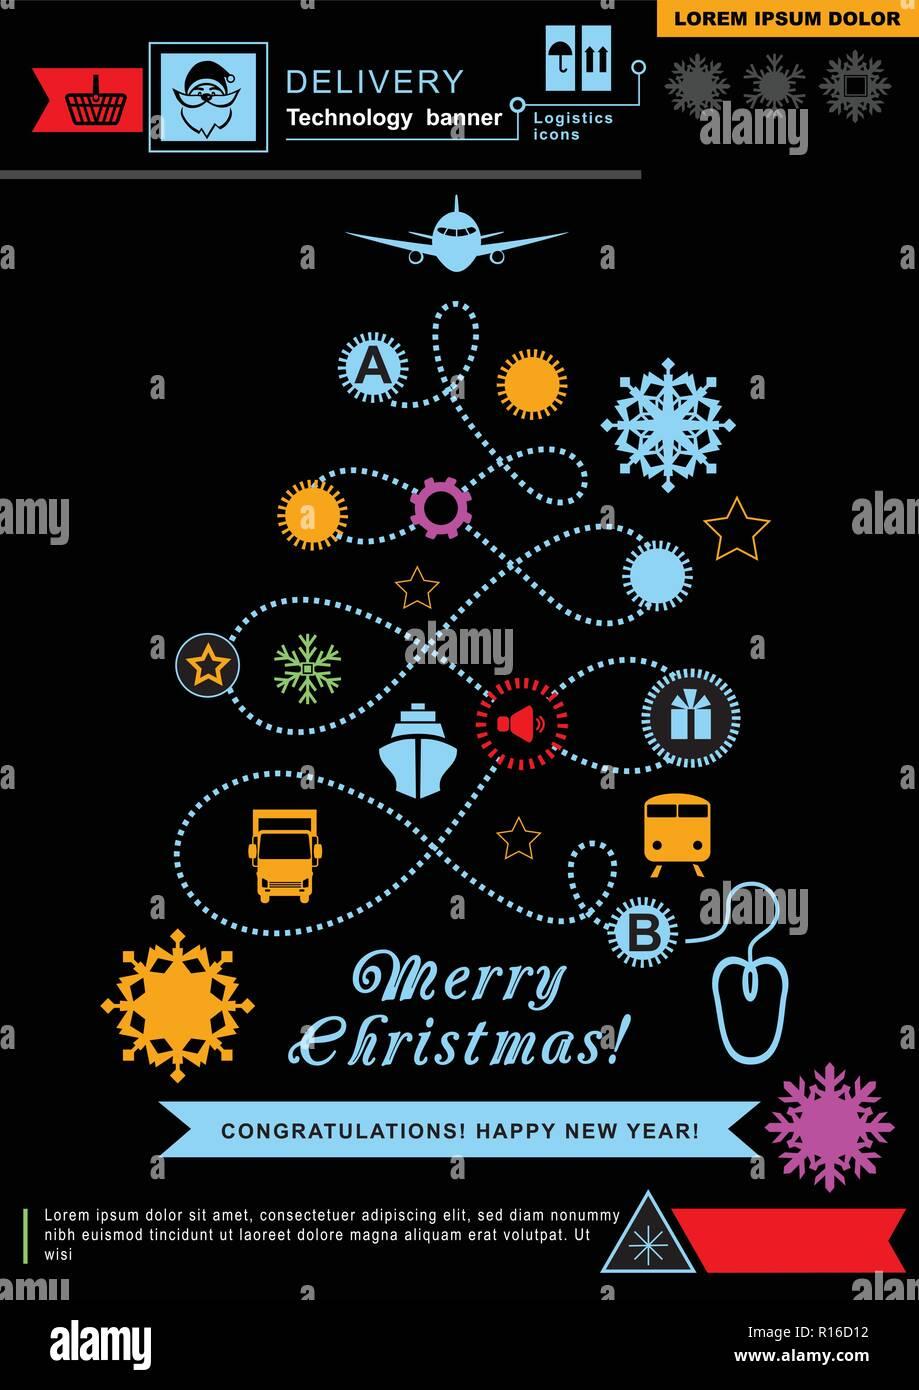 Percorso Babbo Natale.Il Percorso A Forma Di Albero Di Natale Al Neon Luminoso Logistica